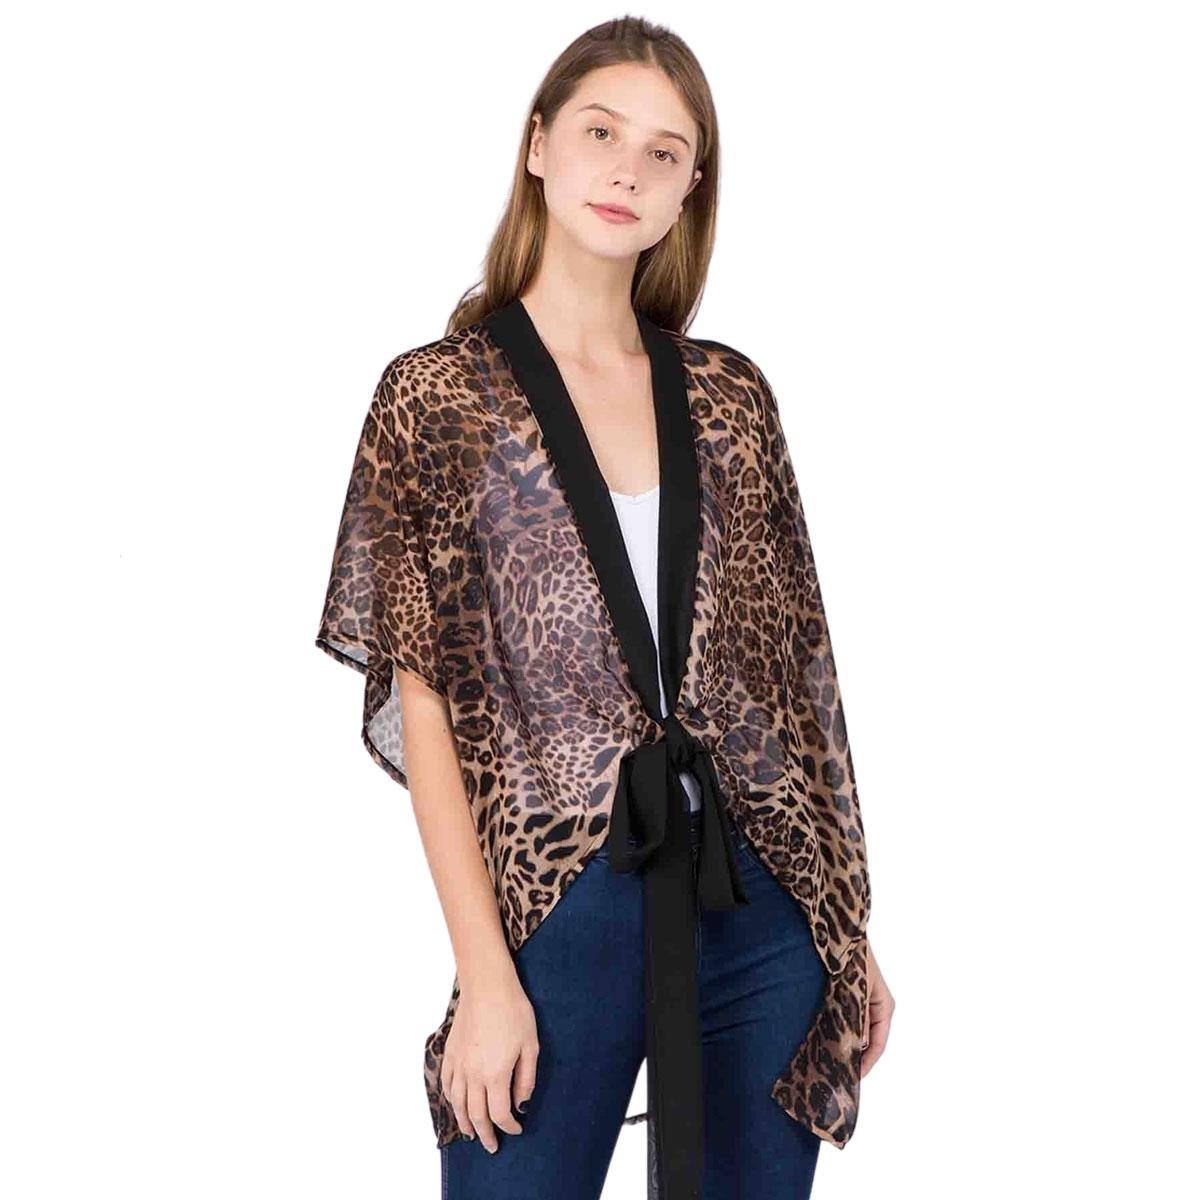 Kimono - Leopard Print w/Tie 1C05